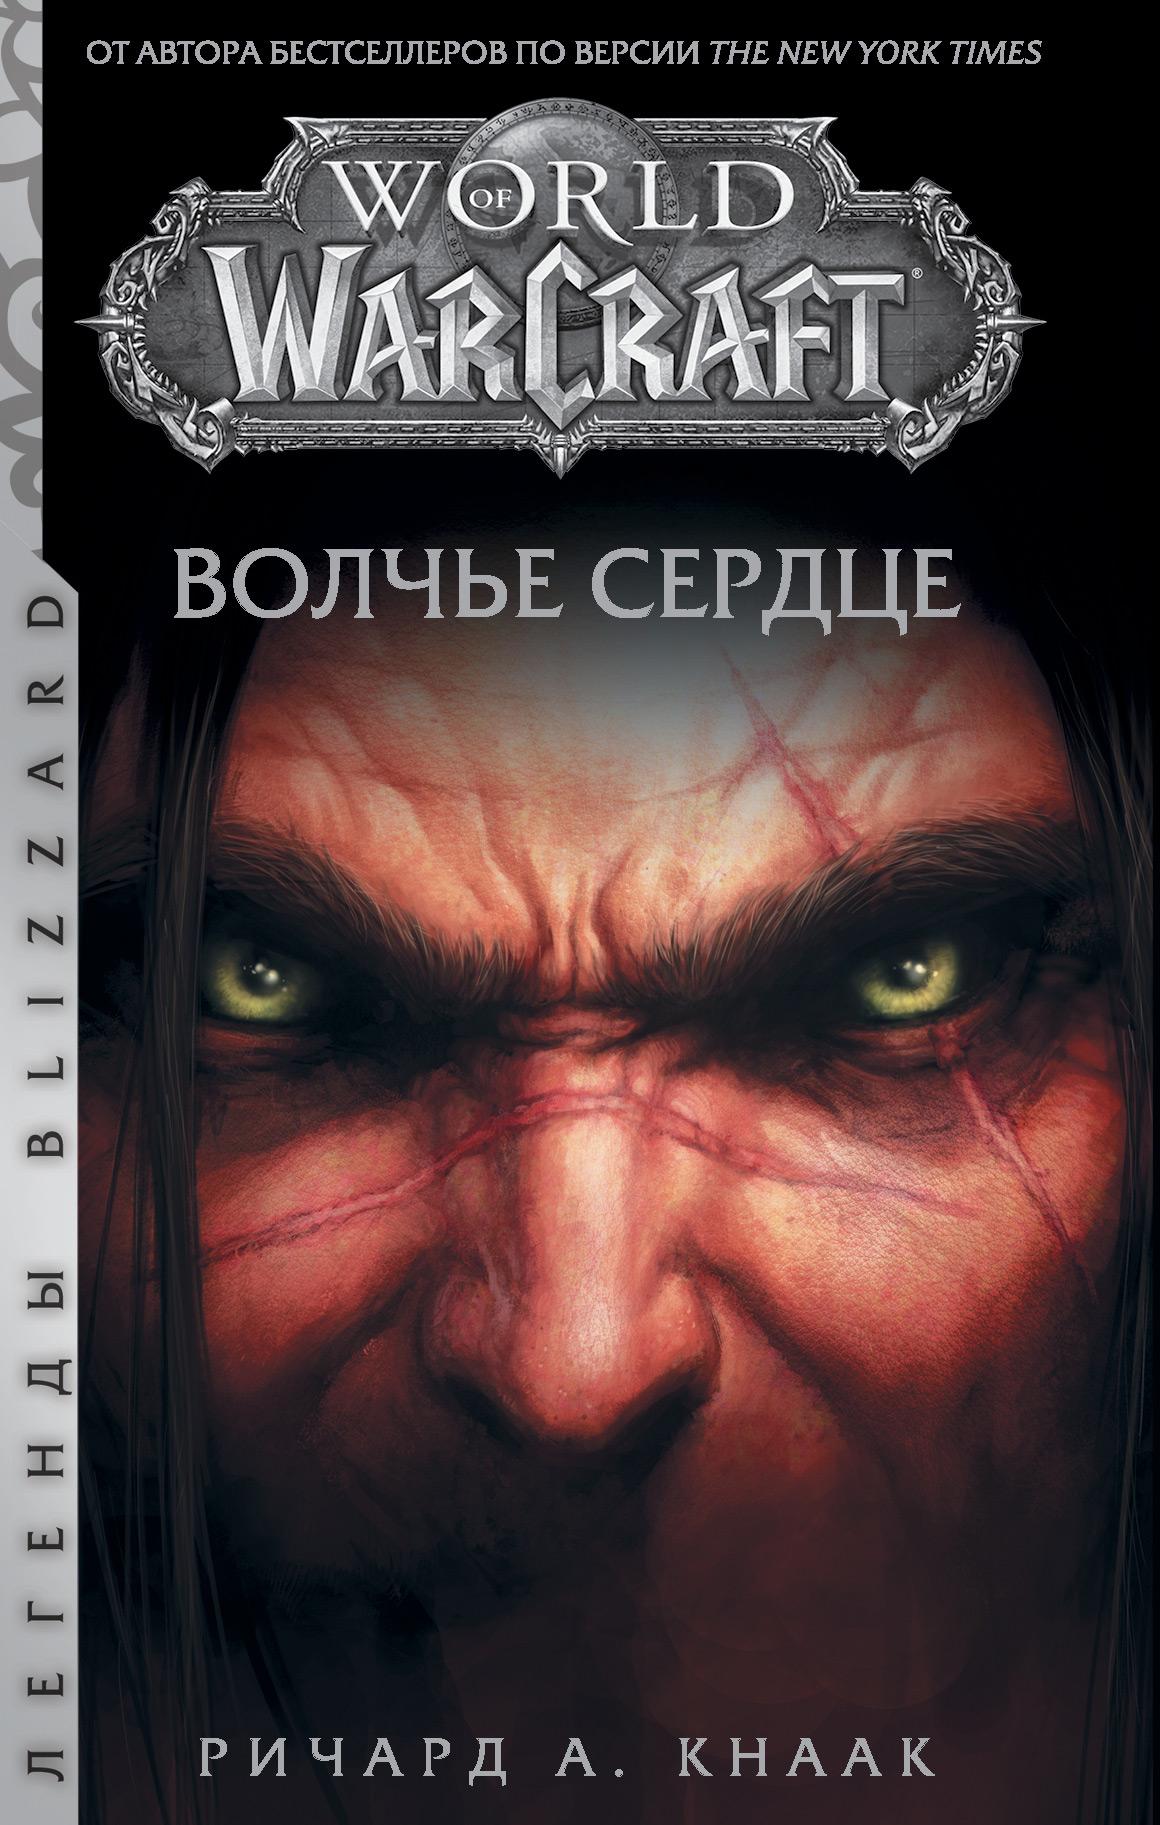 Купить книгу World of Warcraft. Волчье сердце, автора Ричарда Кнаака